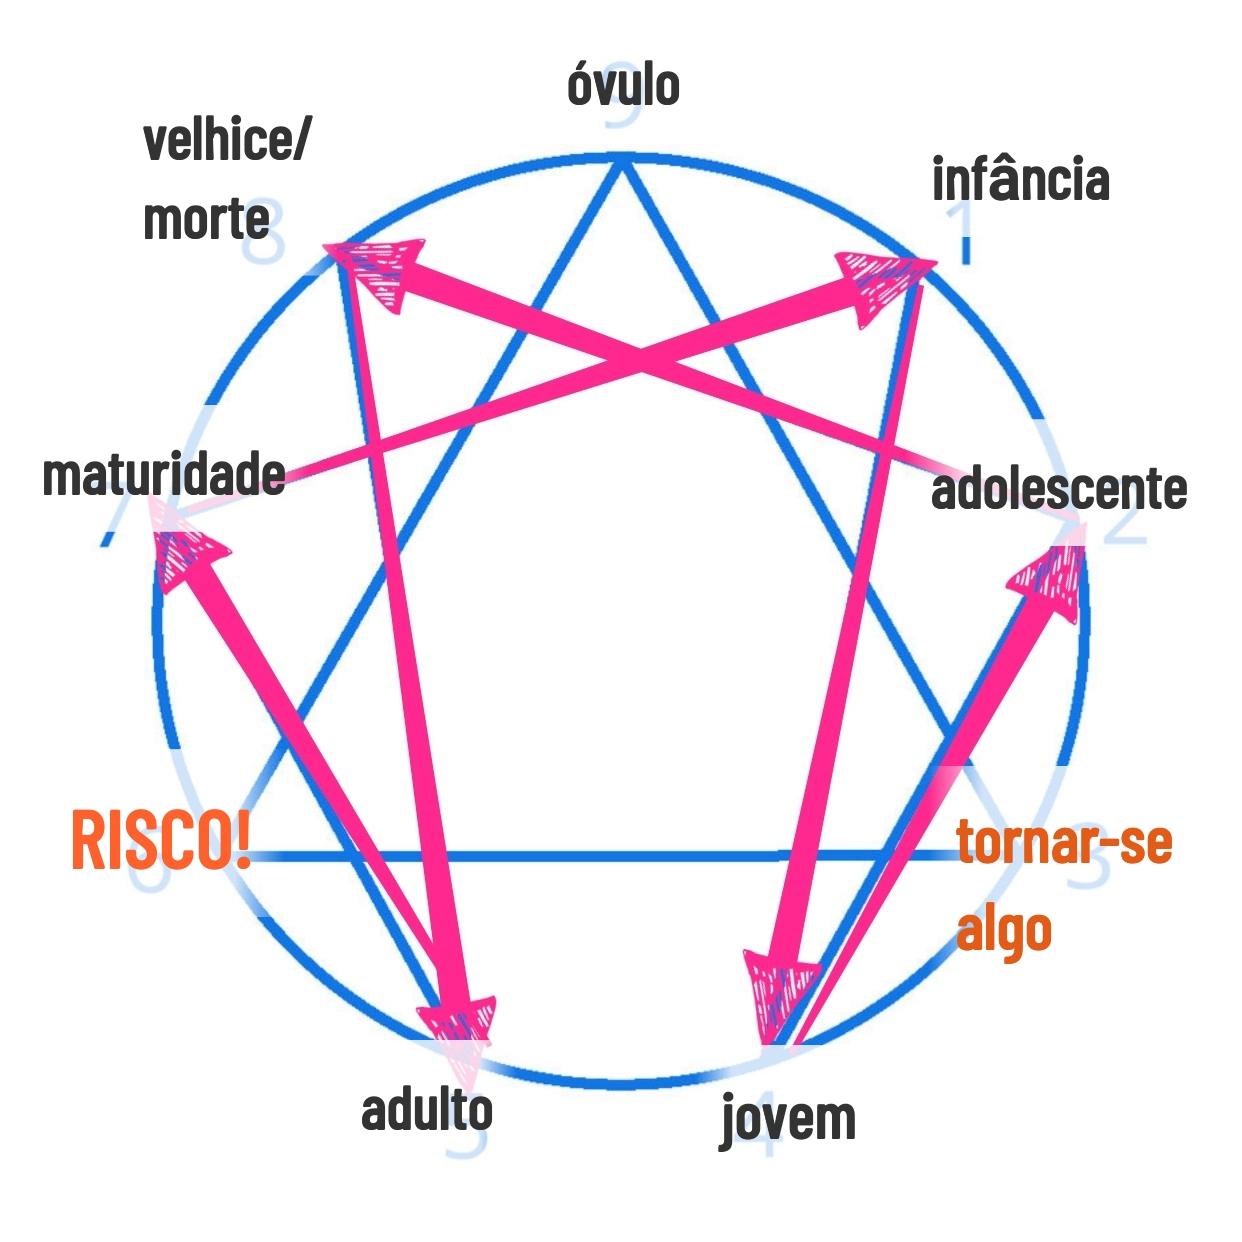 O Eneagrama do ciclo da vida humana. De onde saímos e para onde vamos? Quais os objetivos que devemos entender em cada fase de vida?